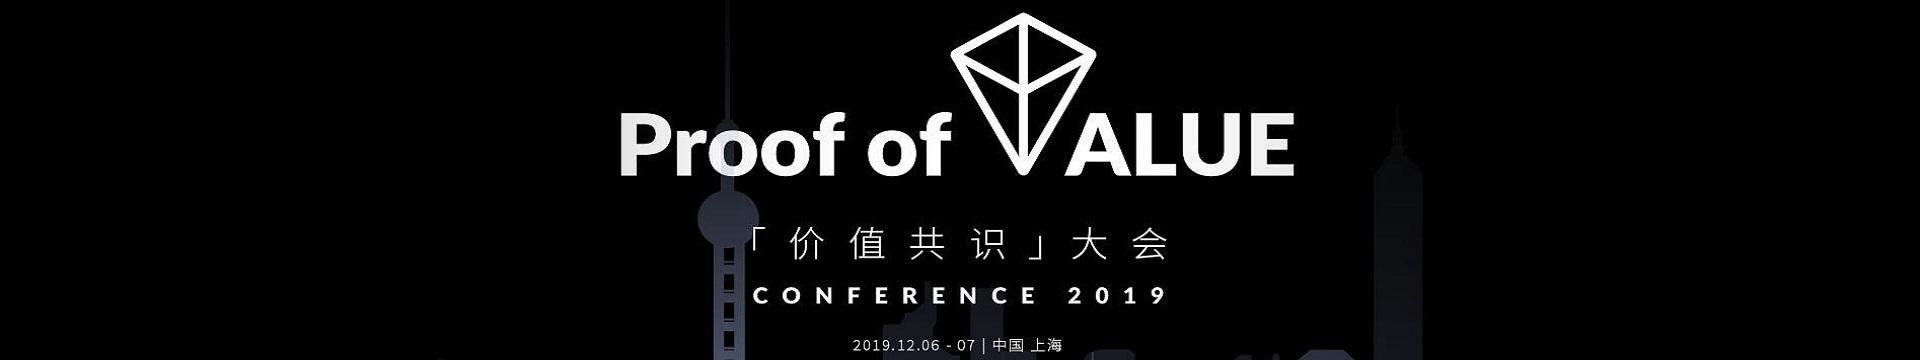 Proof of Value 價值共識大會 2019 · 上海(區塊鏈峰會)